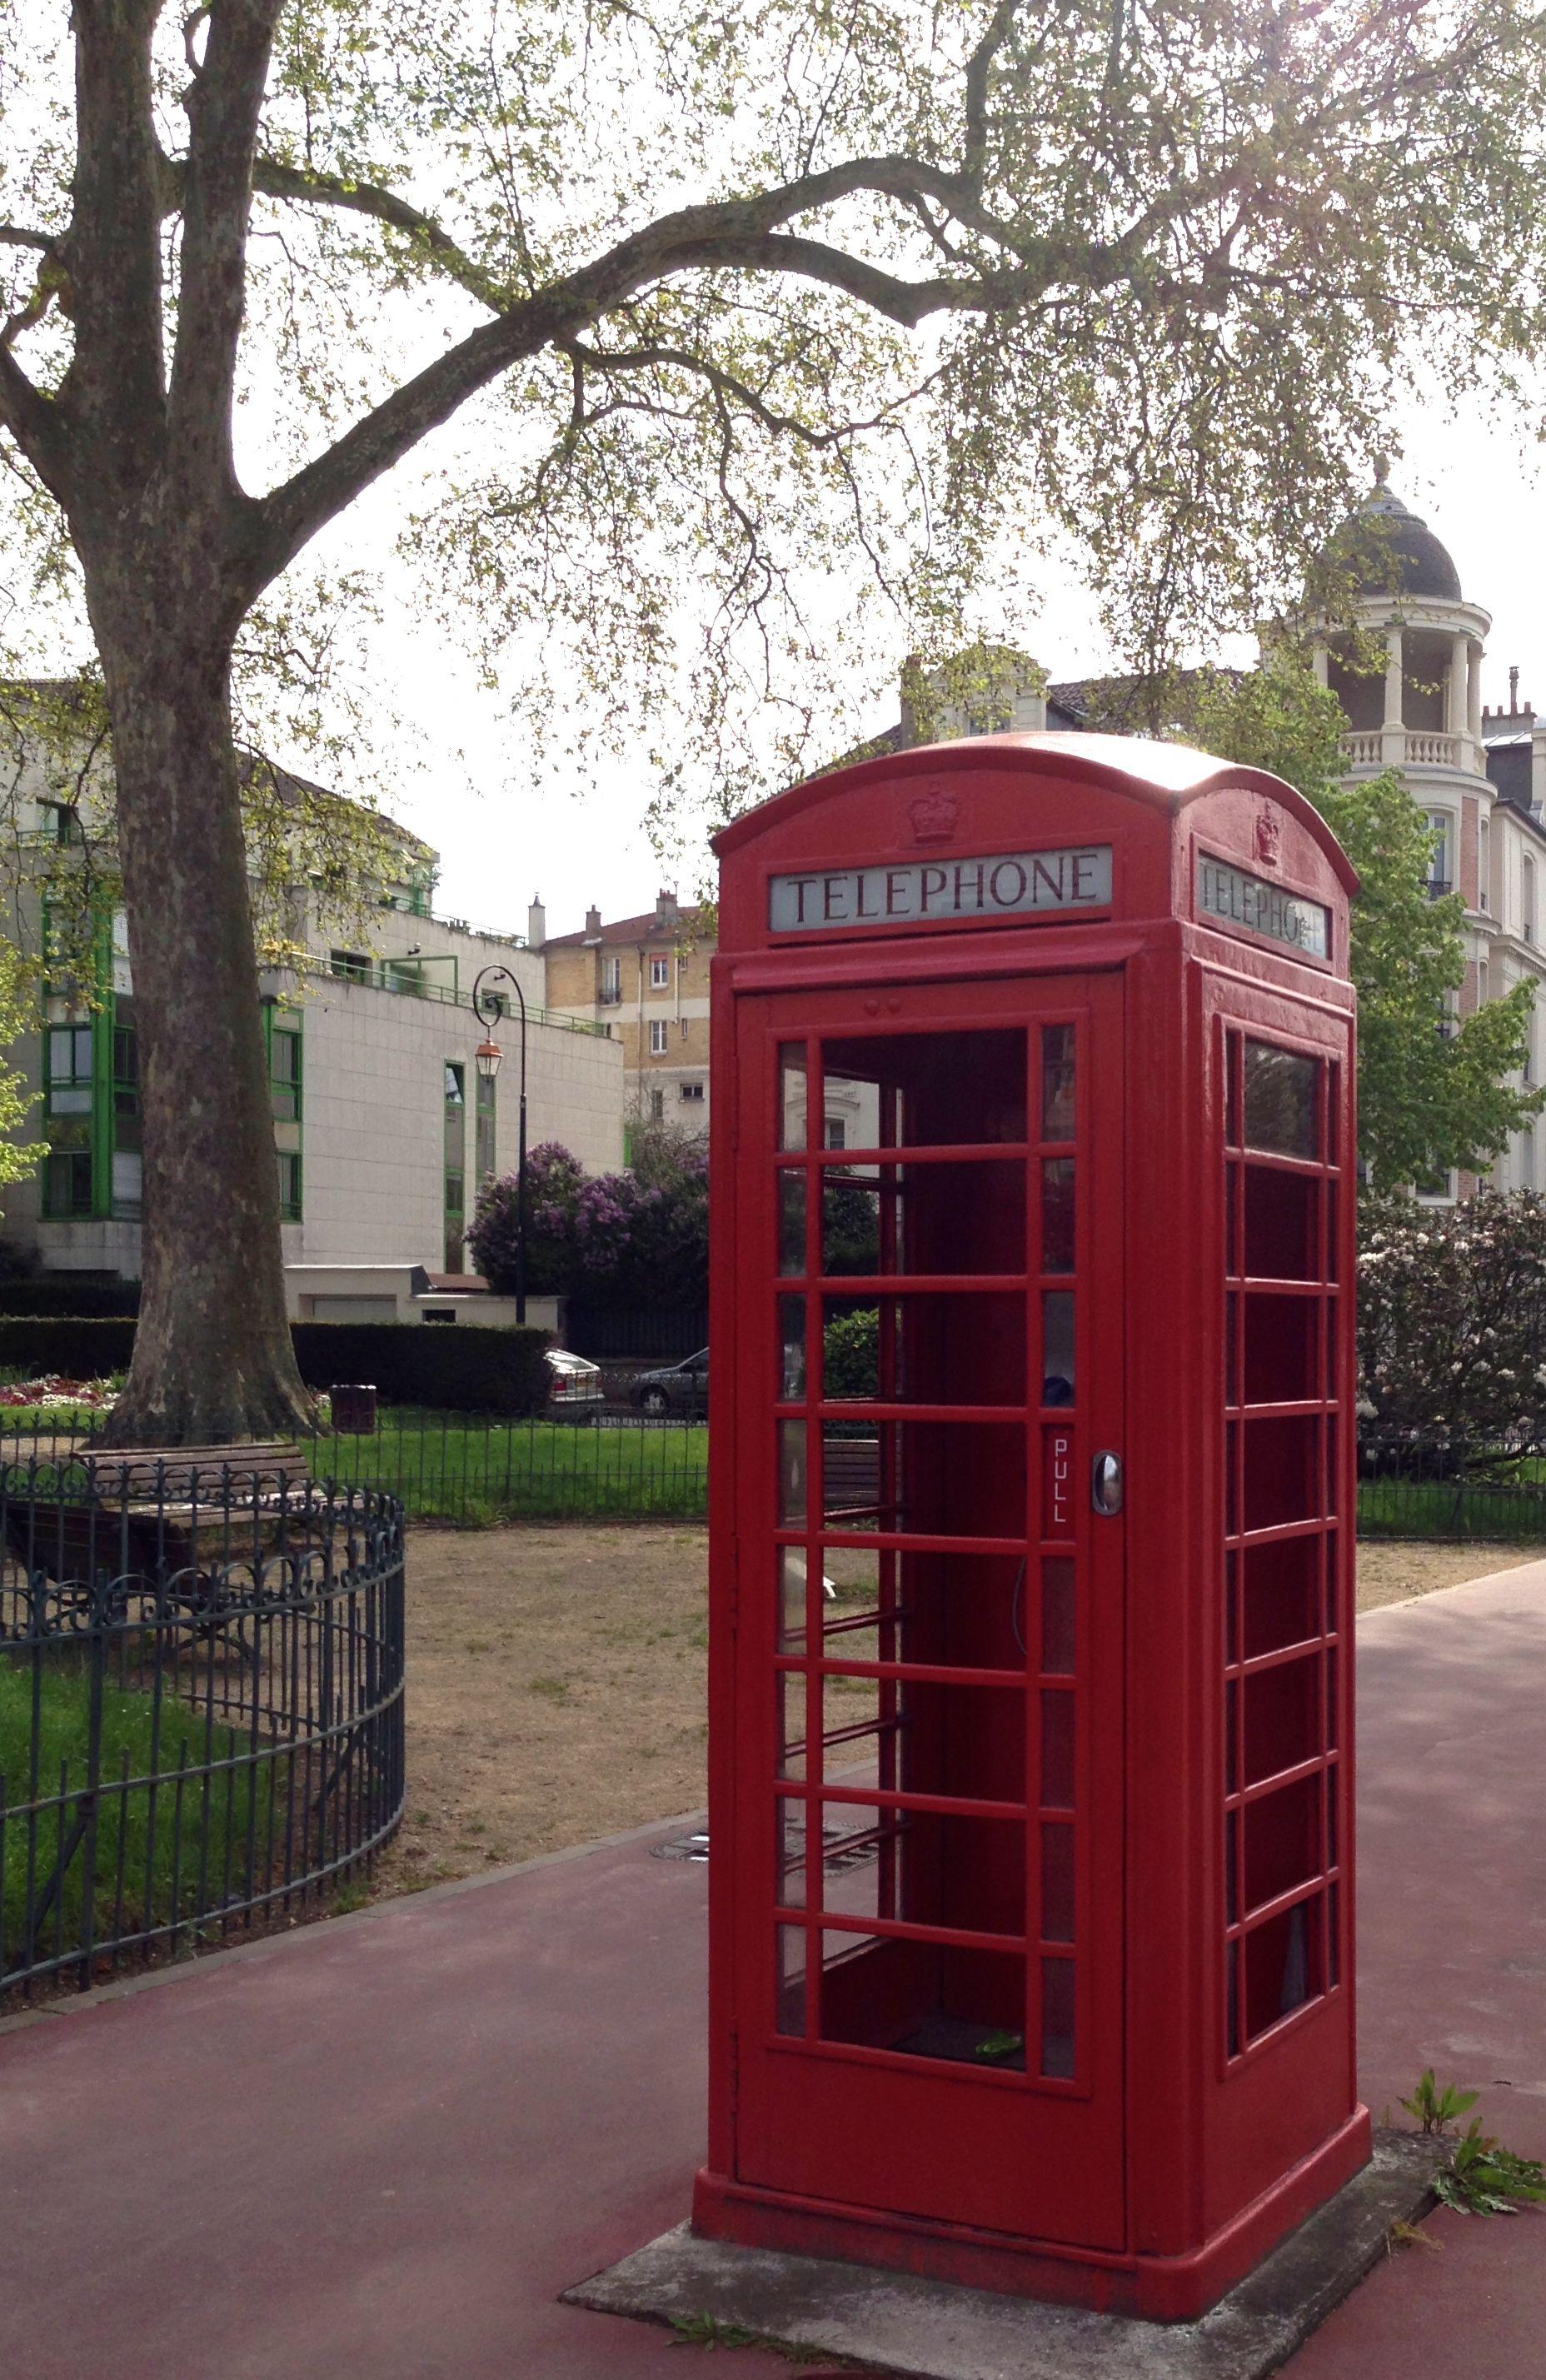 London? No, Paris. Cabine téléphonique rouge, Paris Bois